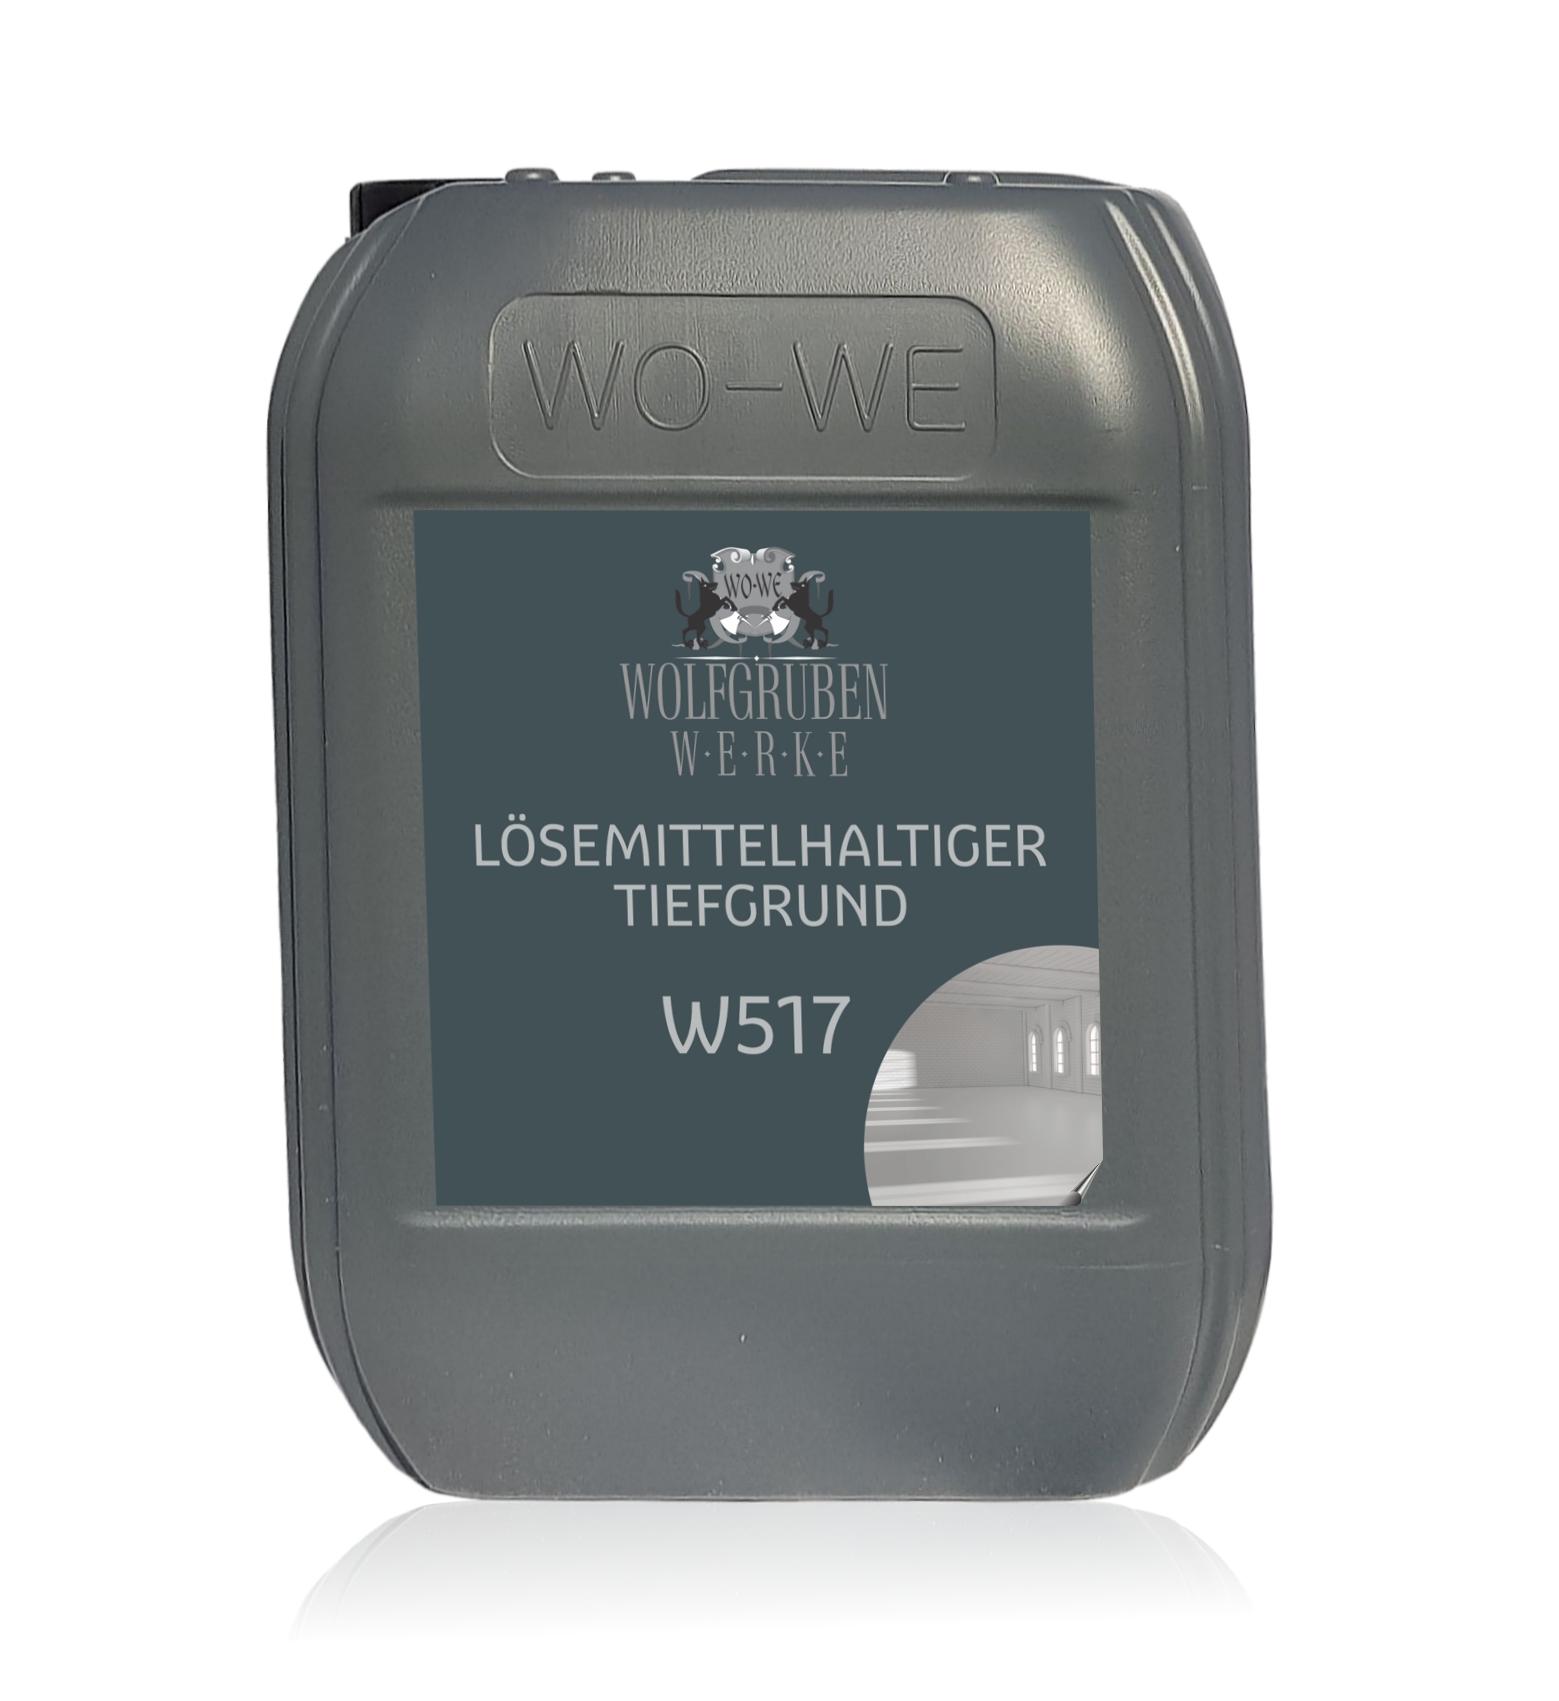 W517.jpg?dl=0